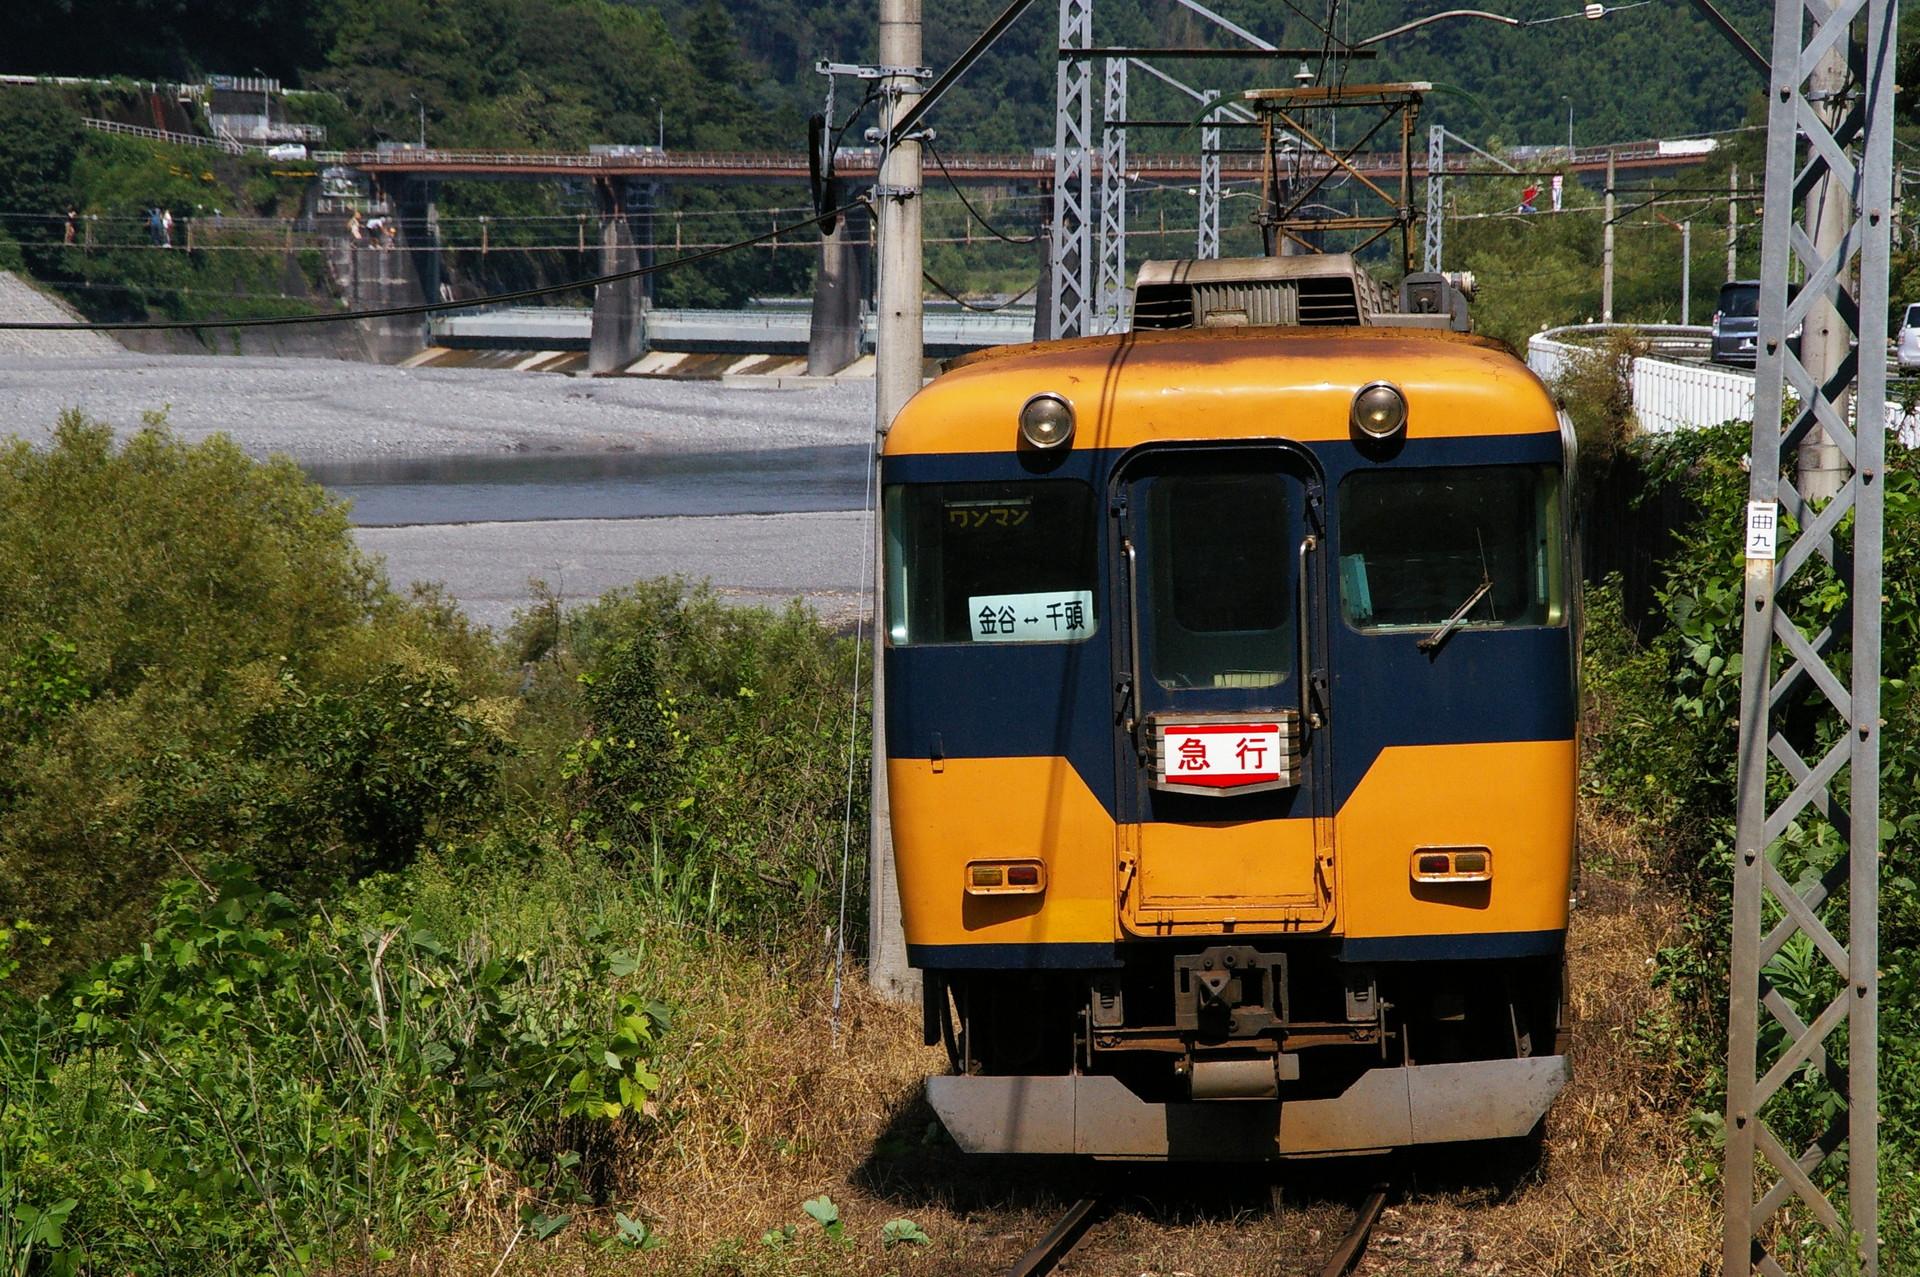 大井川鉄道16000系の素材写真